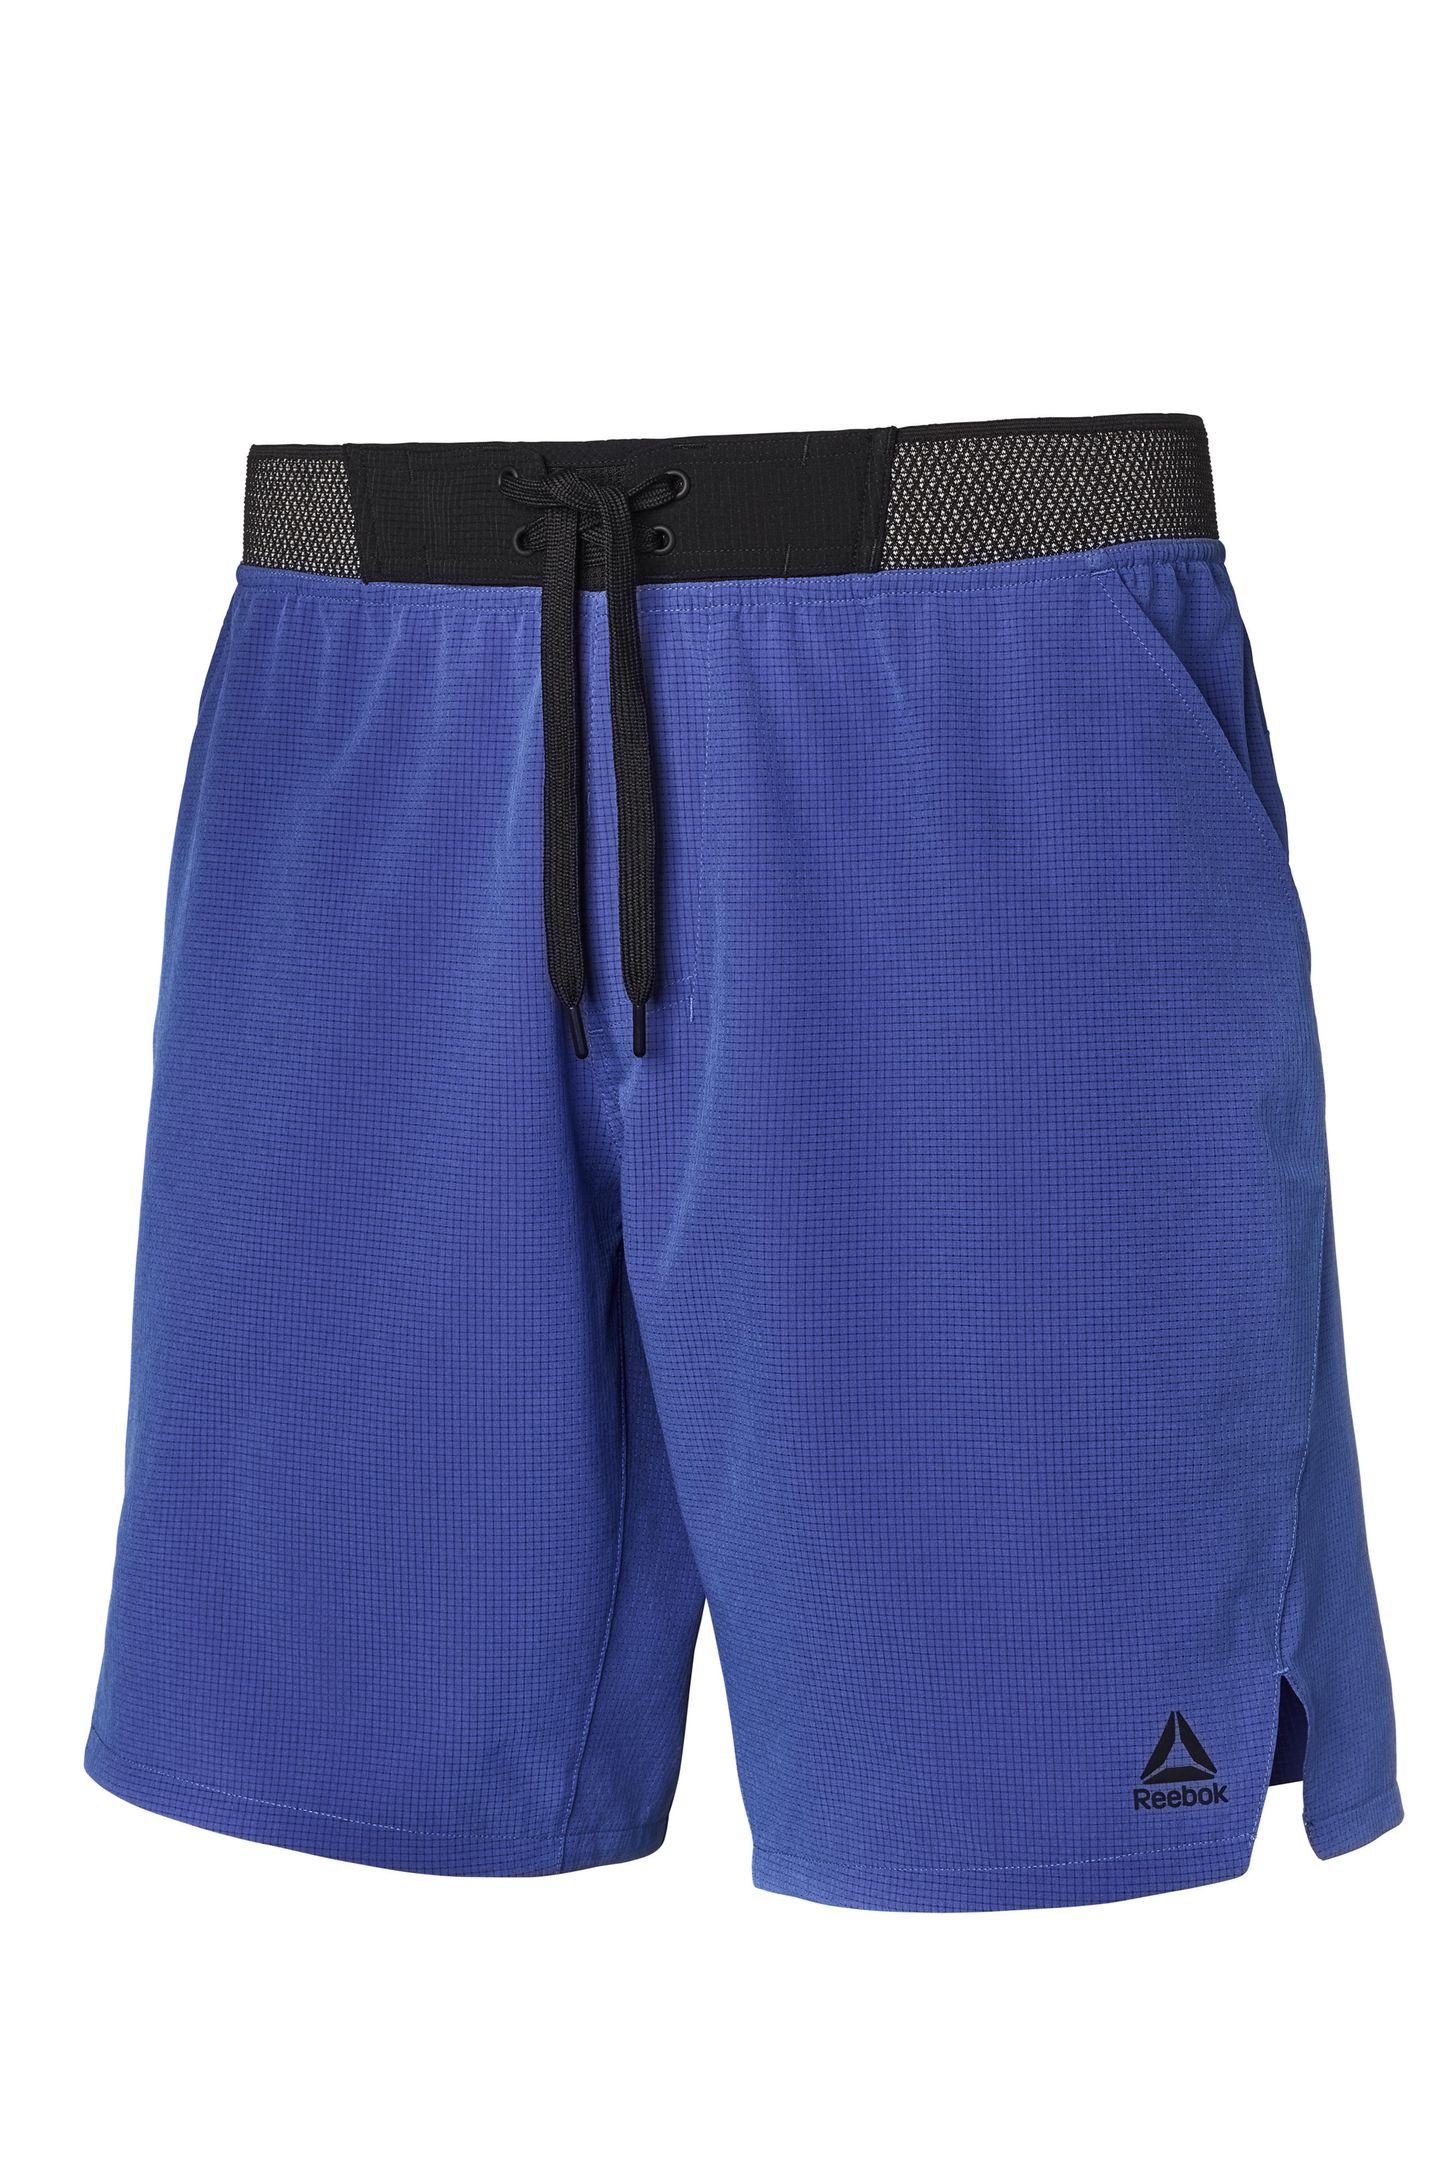 Uneingeschränkte Bewegungsfreiheit und sicherer Sitz bei Squats, Agilitätsübungen und Co.: Die Epic Knit Shorts wird jedem Fitness Buddy gefallen. Reebok, ca. 50 Euro.